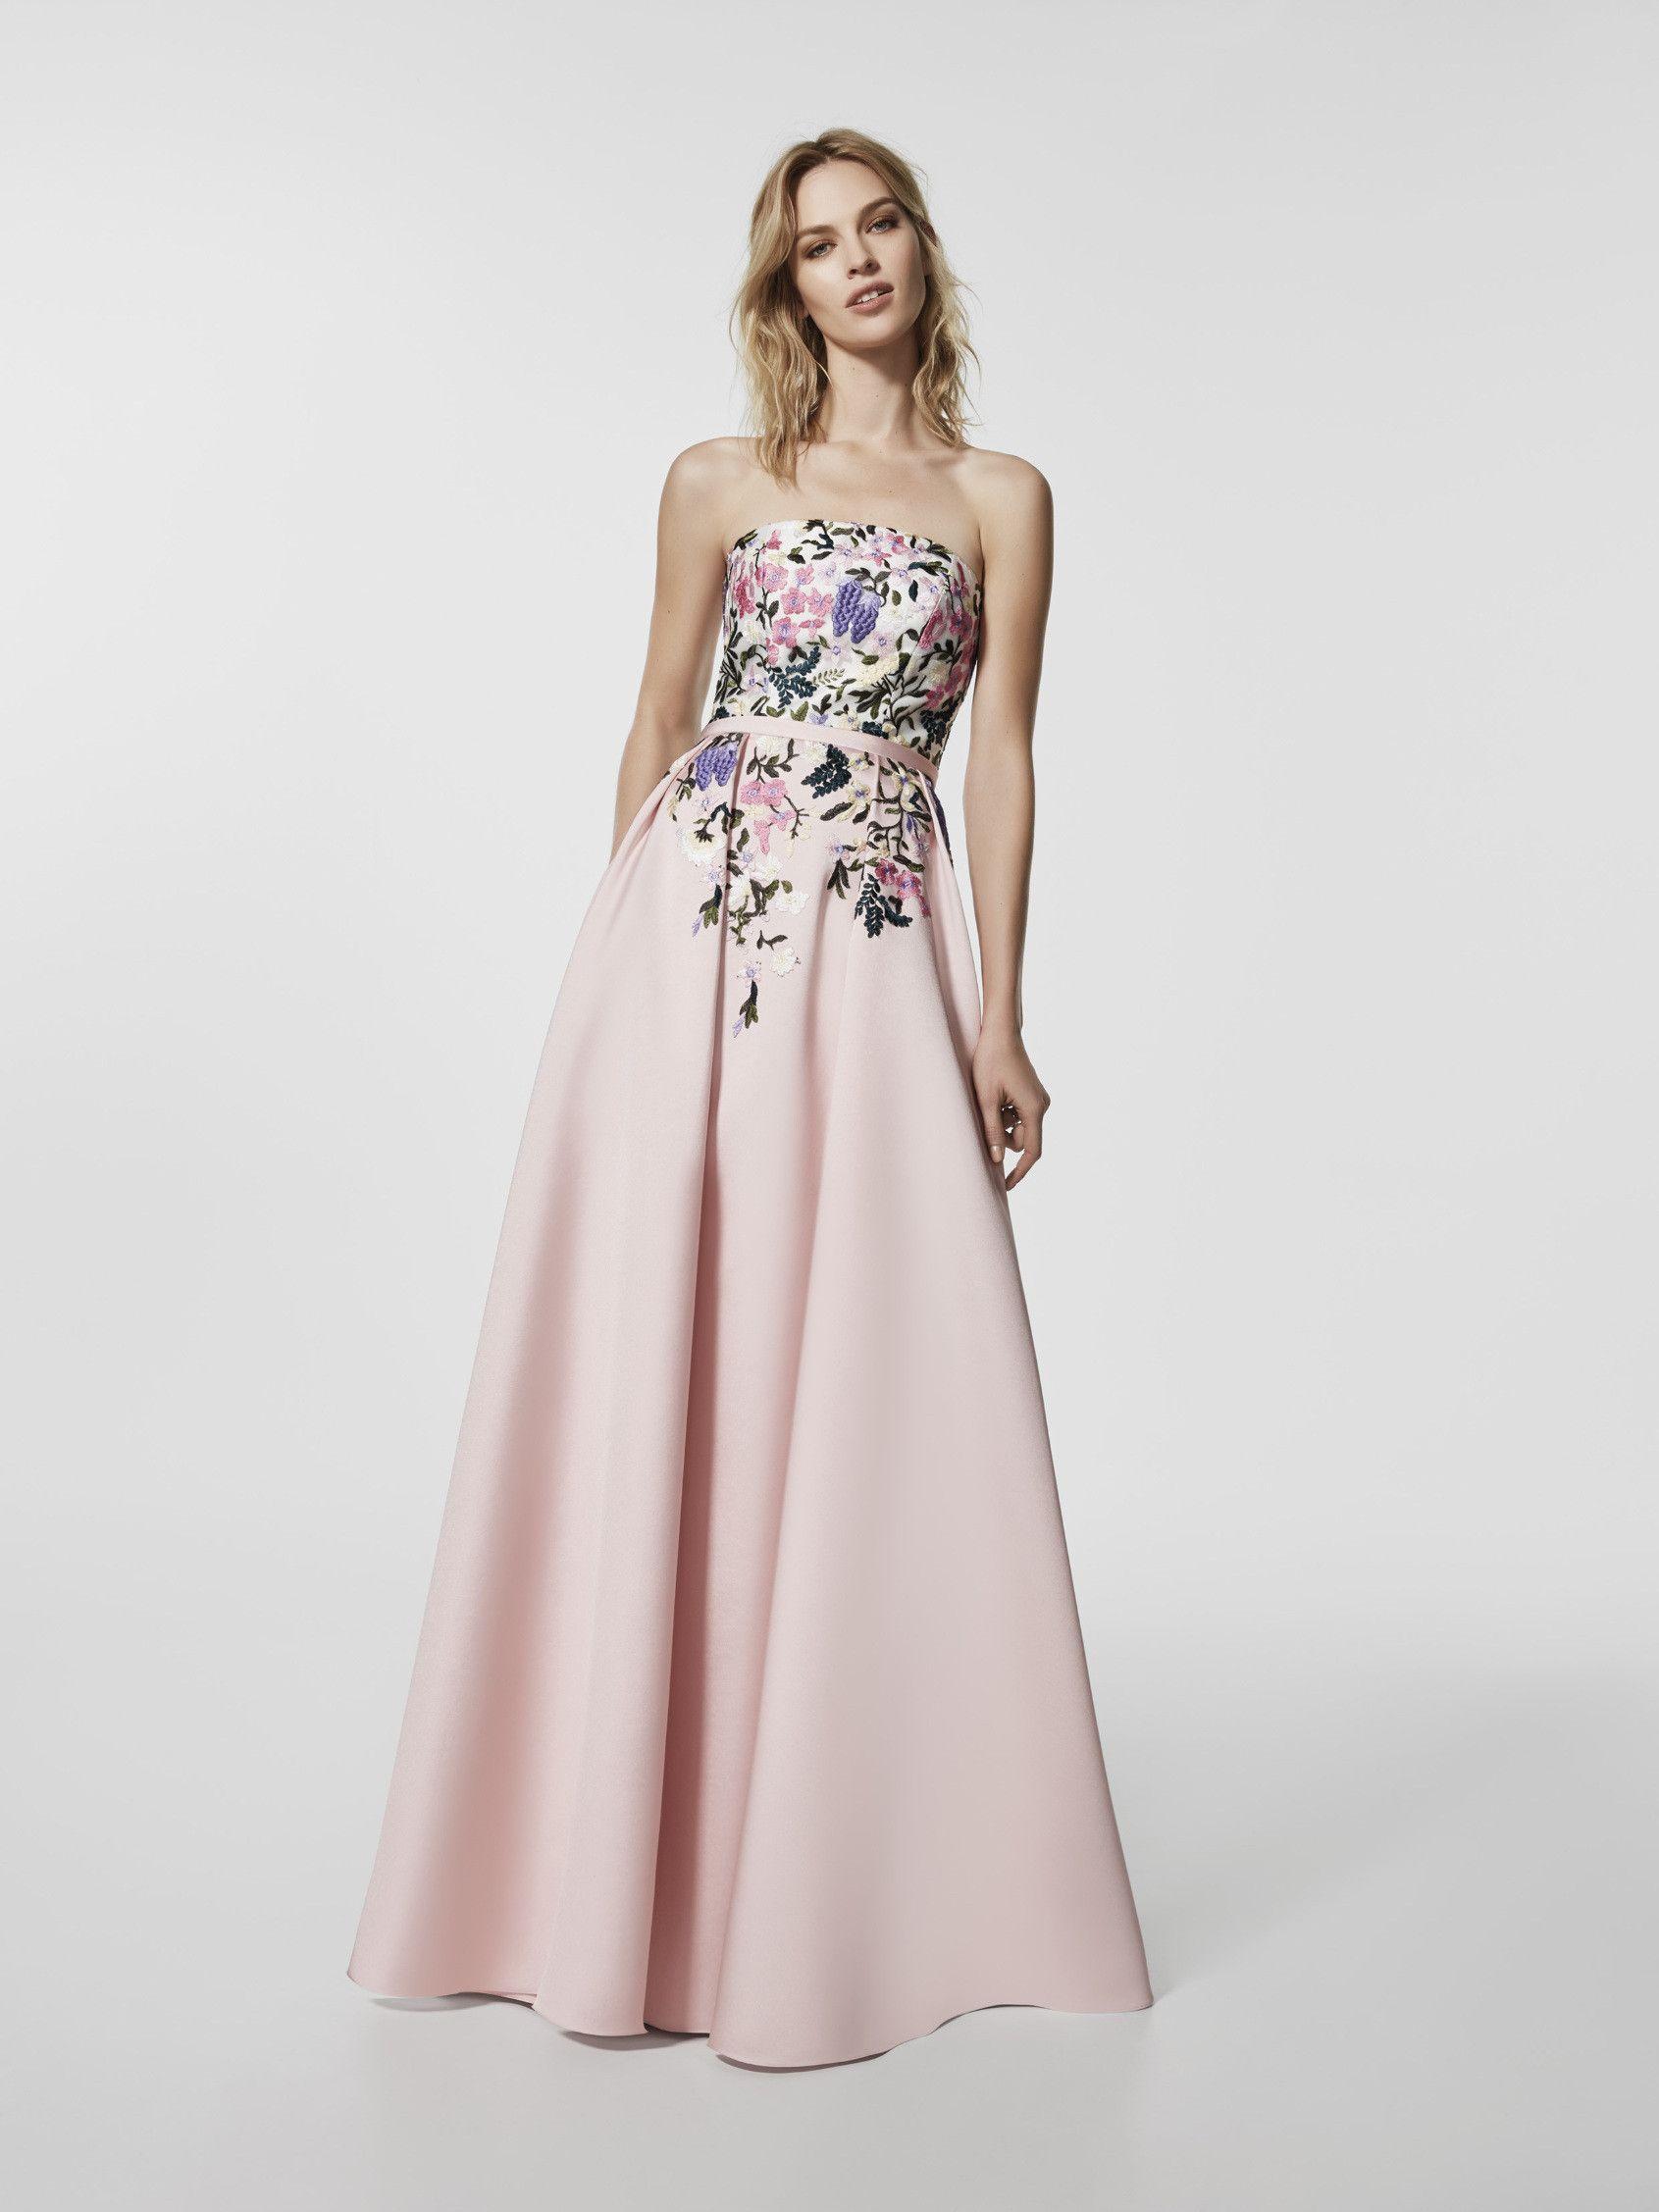 Este es un vestido largo de color rosa pálido (modelo GLAYO) con un escote  delantero tipo bañera . Vestido de la línea evase sin mangas (mikado ... ec682dee029d